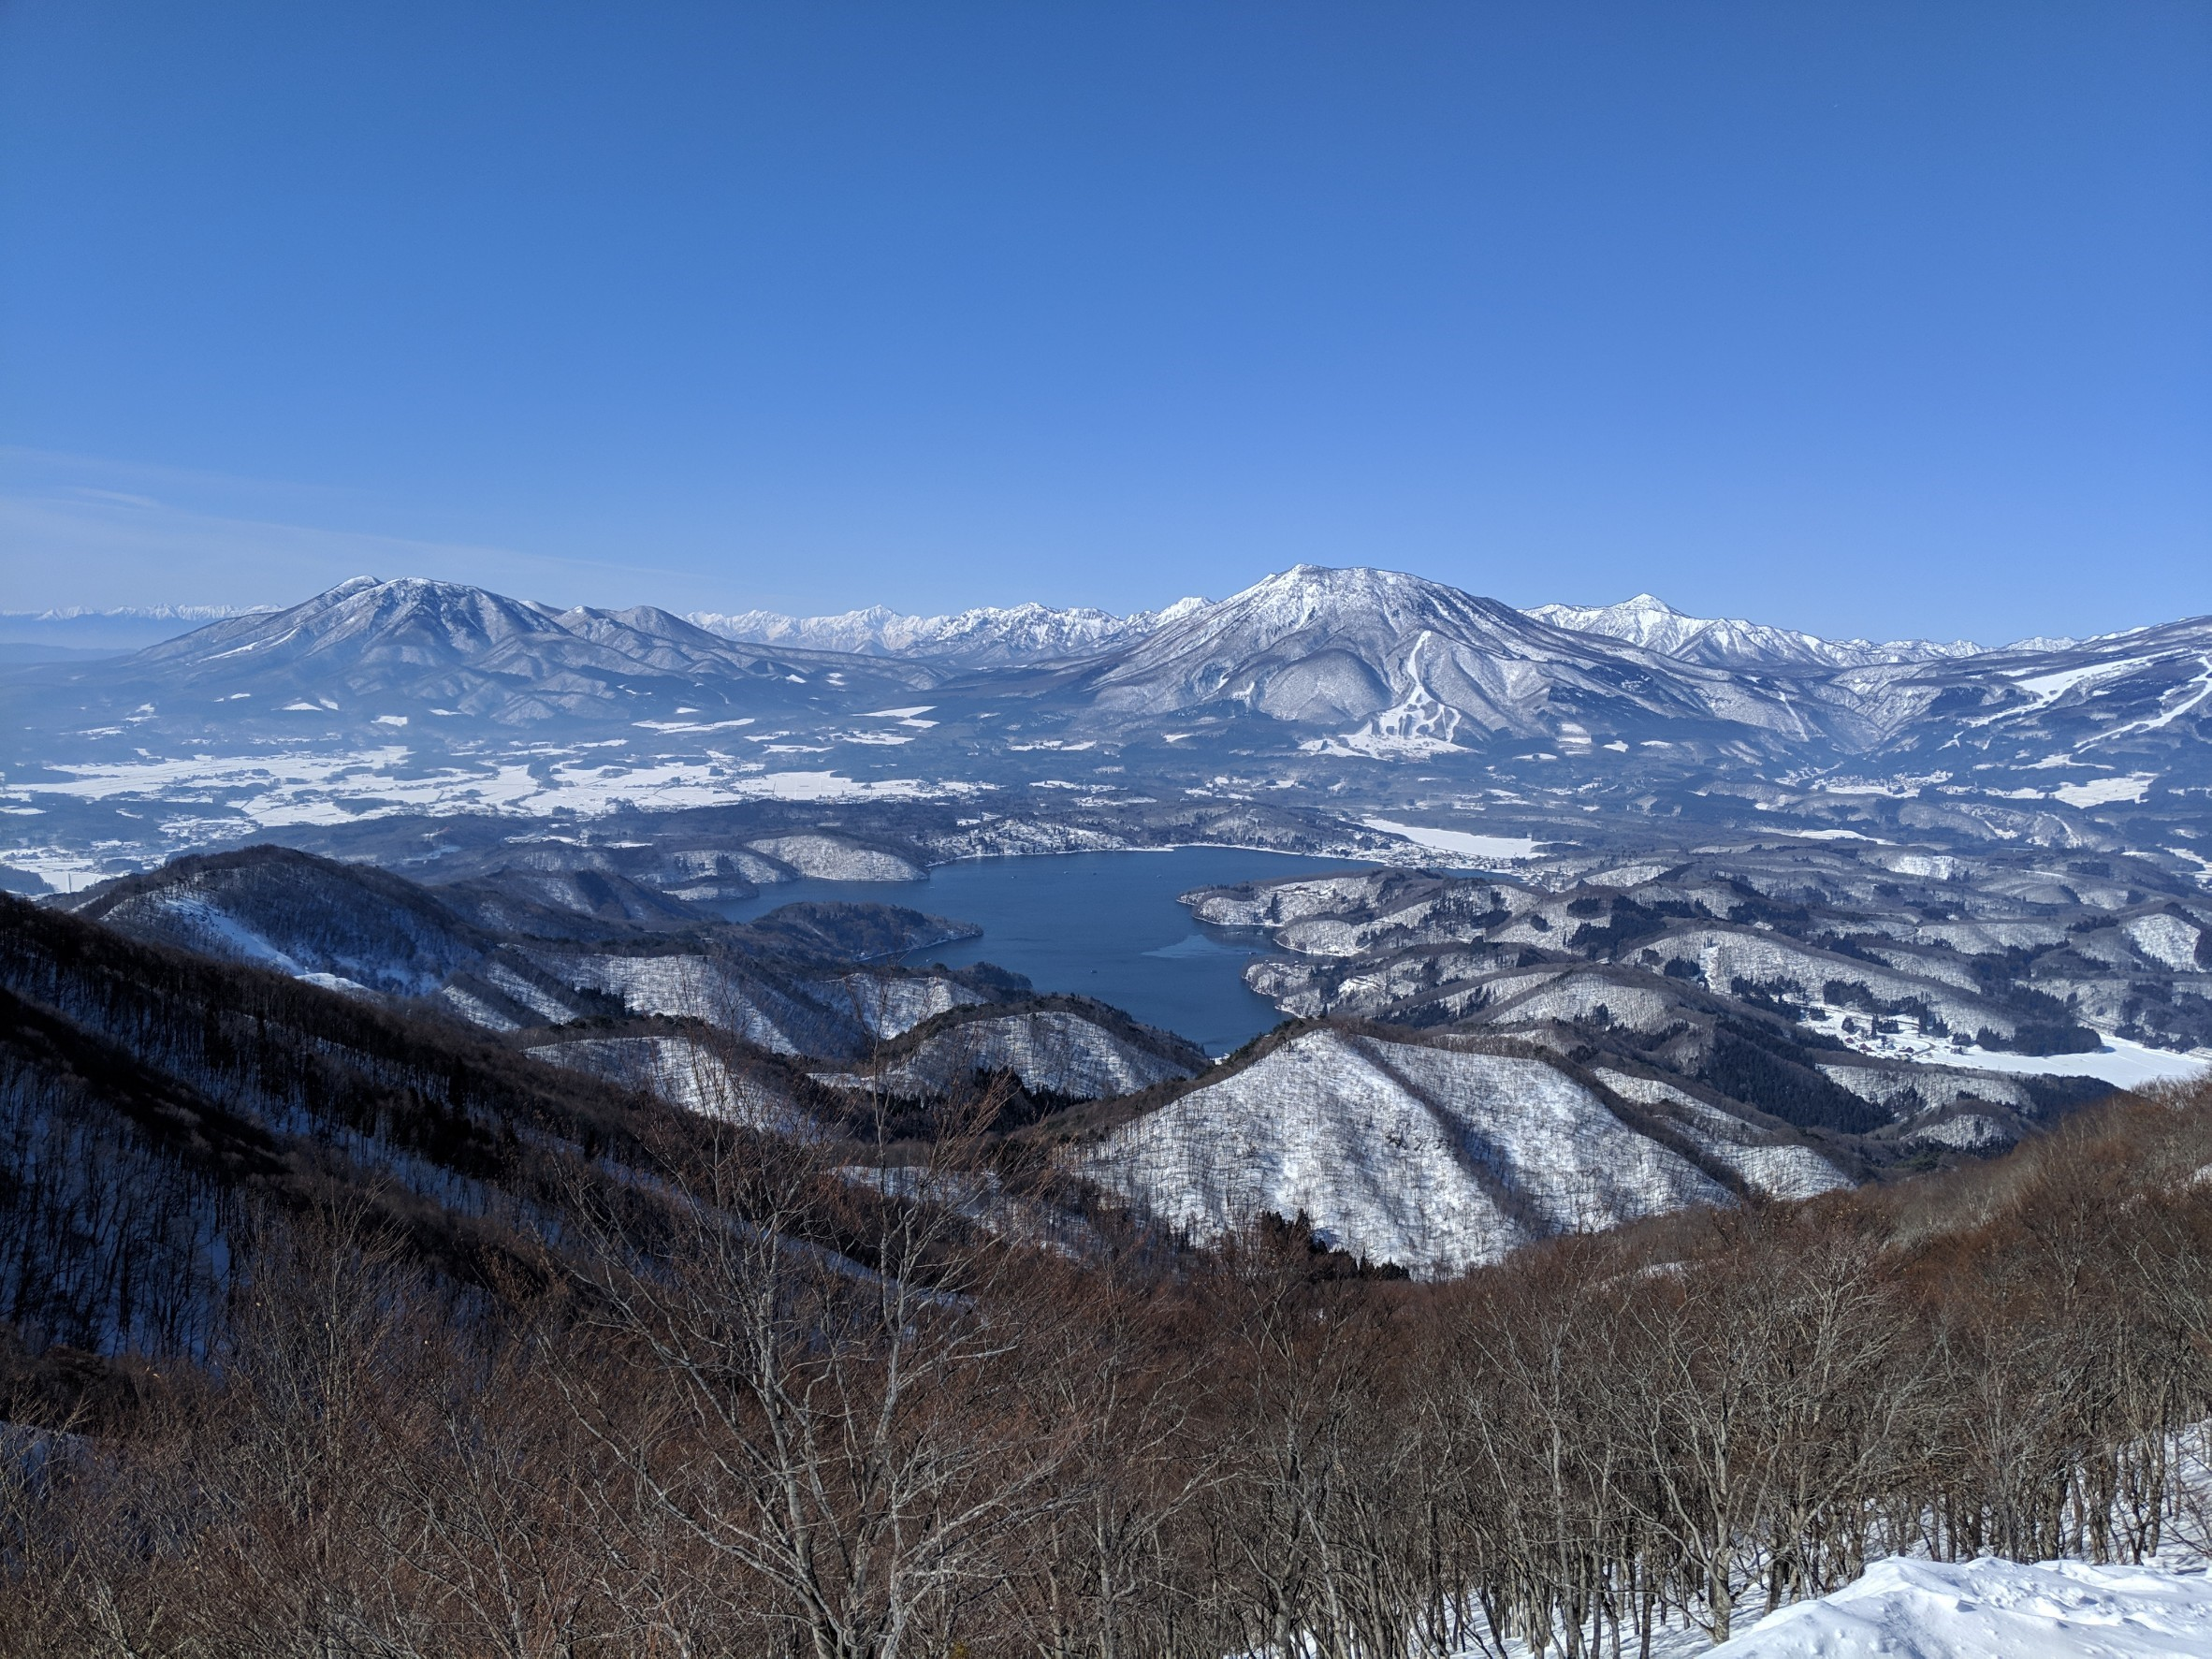 【スキー/スノボーたくさん滑りたいなら!】斑尾高原スキー場